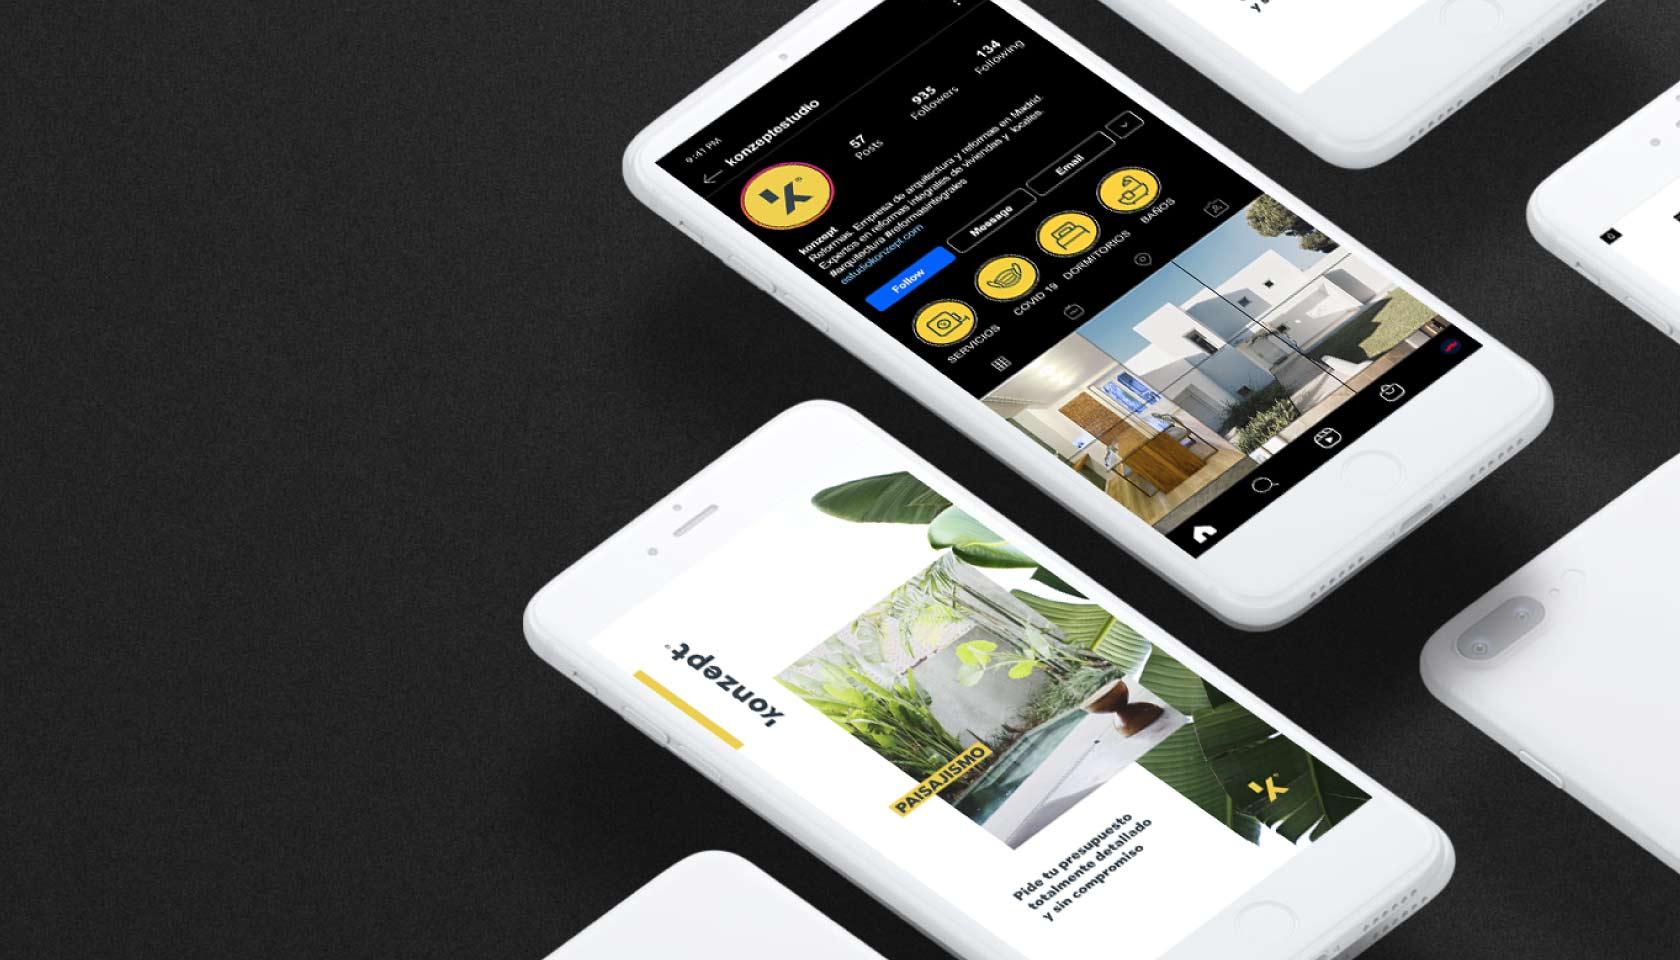 Gestion de redes sociales y social media - Feed con diseño - Agencia Charleaston